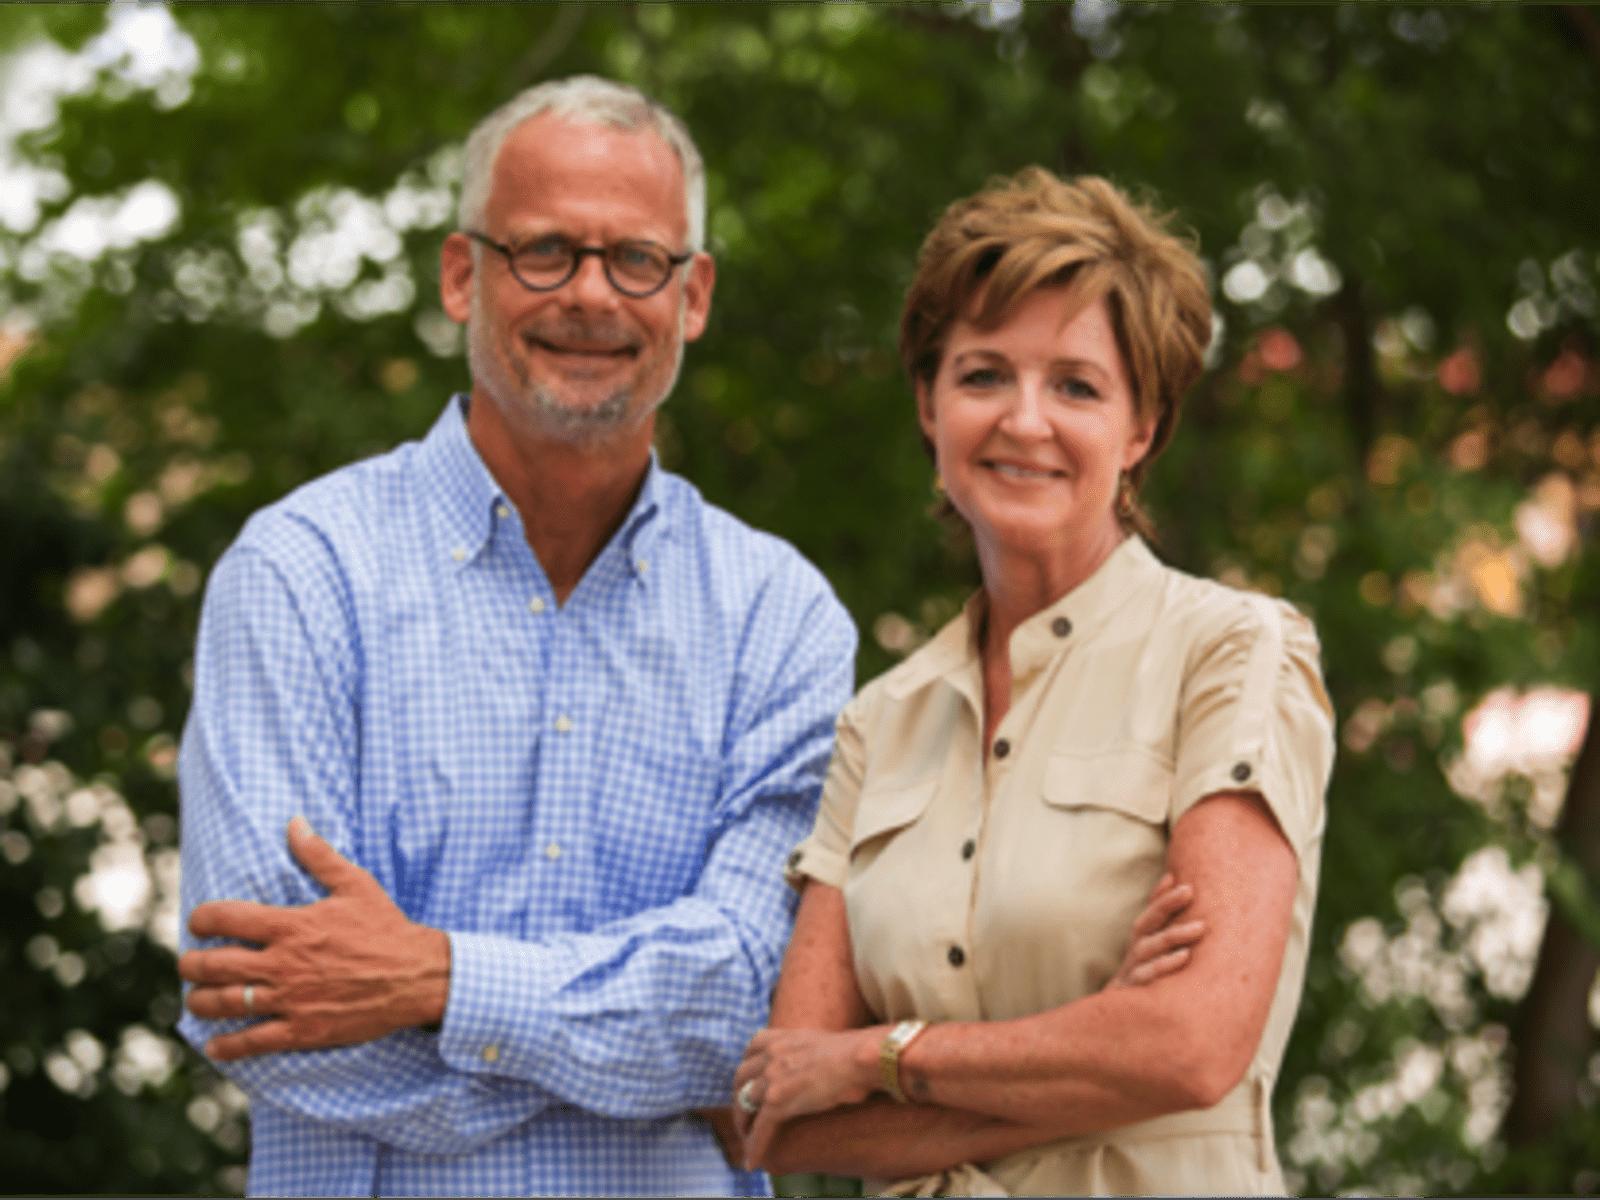 Bill & Julia from Dallas, Texas, United States